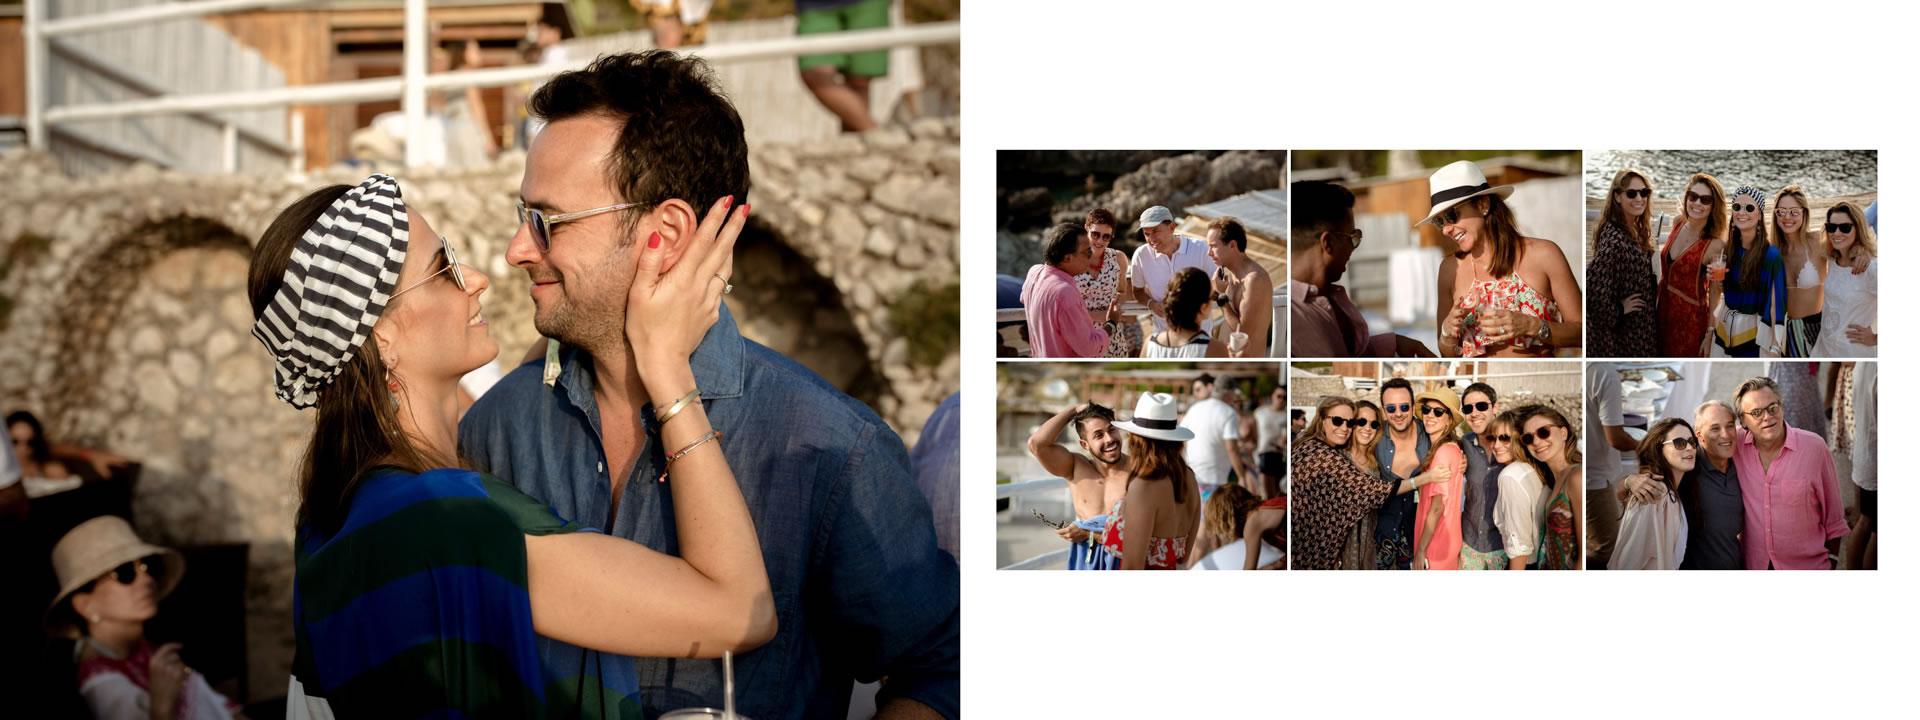 - 18 :: Jewish luxury wedding weekend in Capri :: Luxury wedding photography - 17 ::  - 18